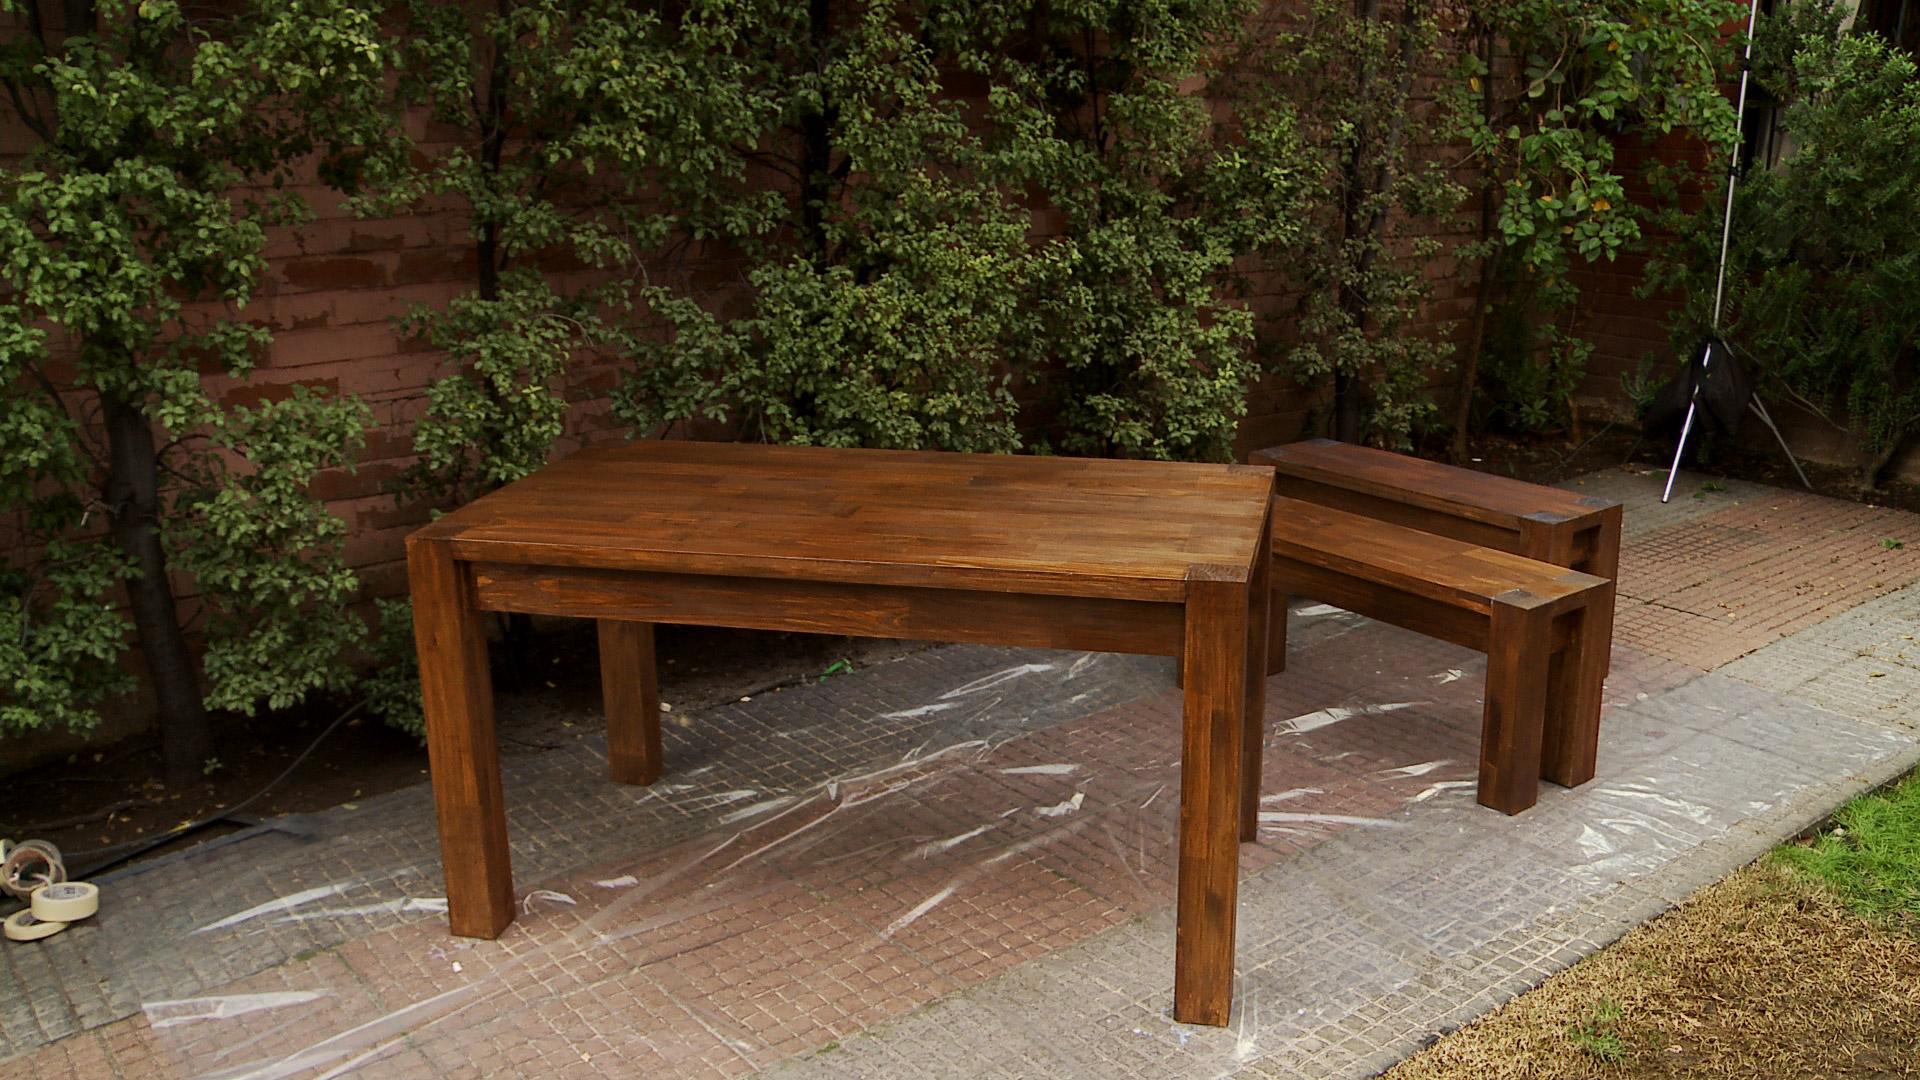 Cómo construir una mesa de café paso a paso - Bricolaje10.com